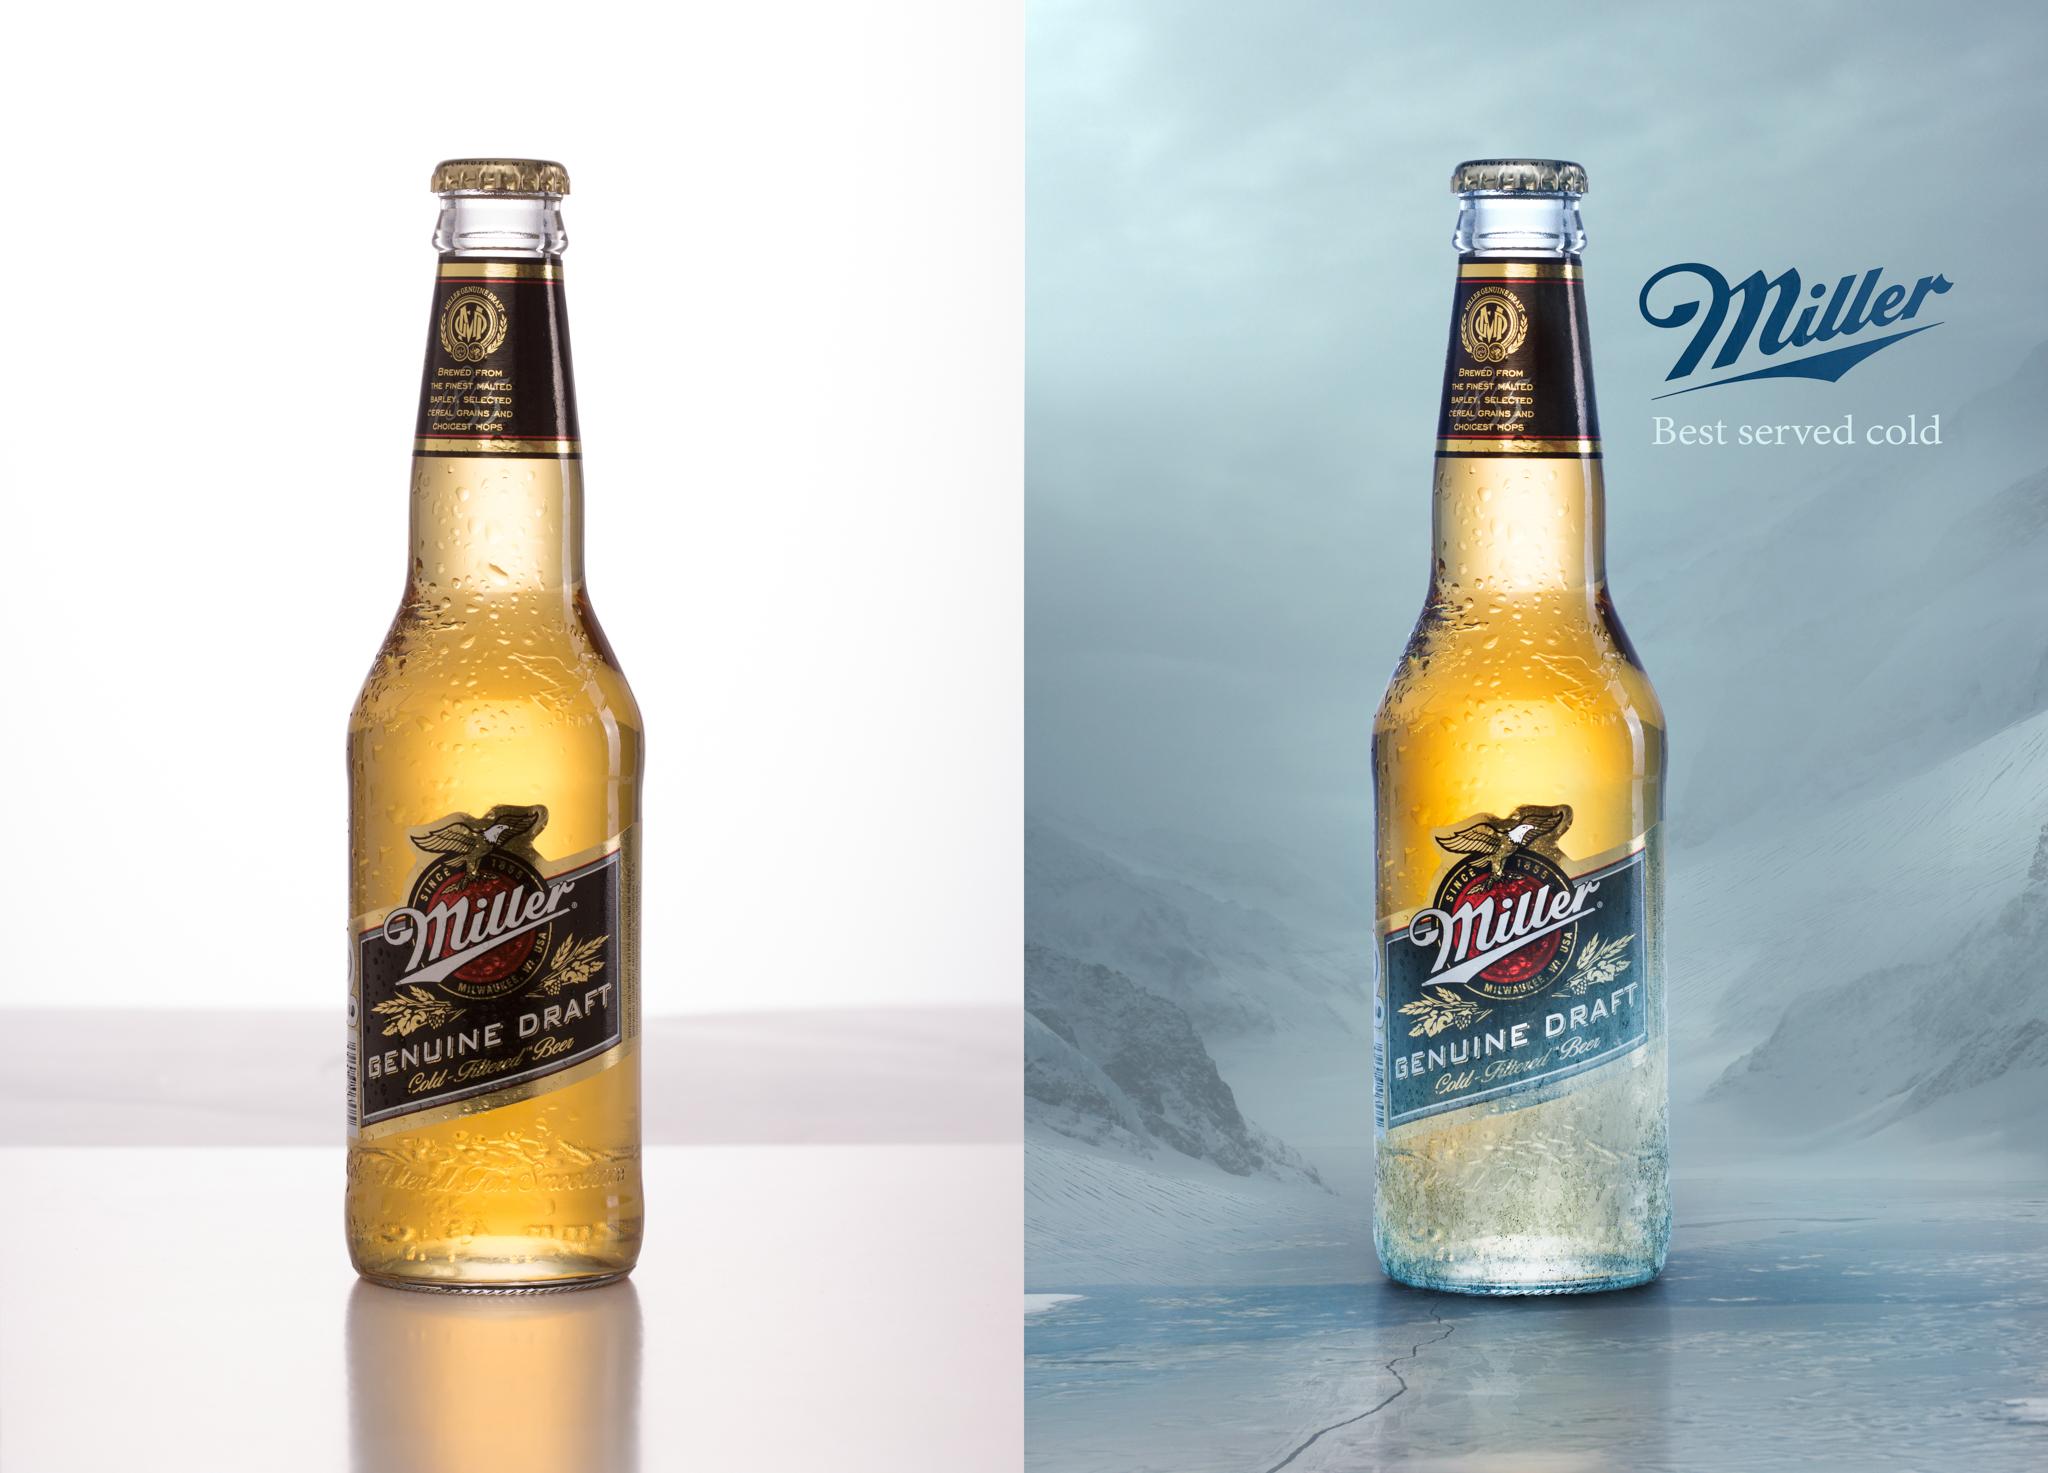 miller beer bottle v2.jpg